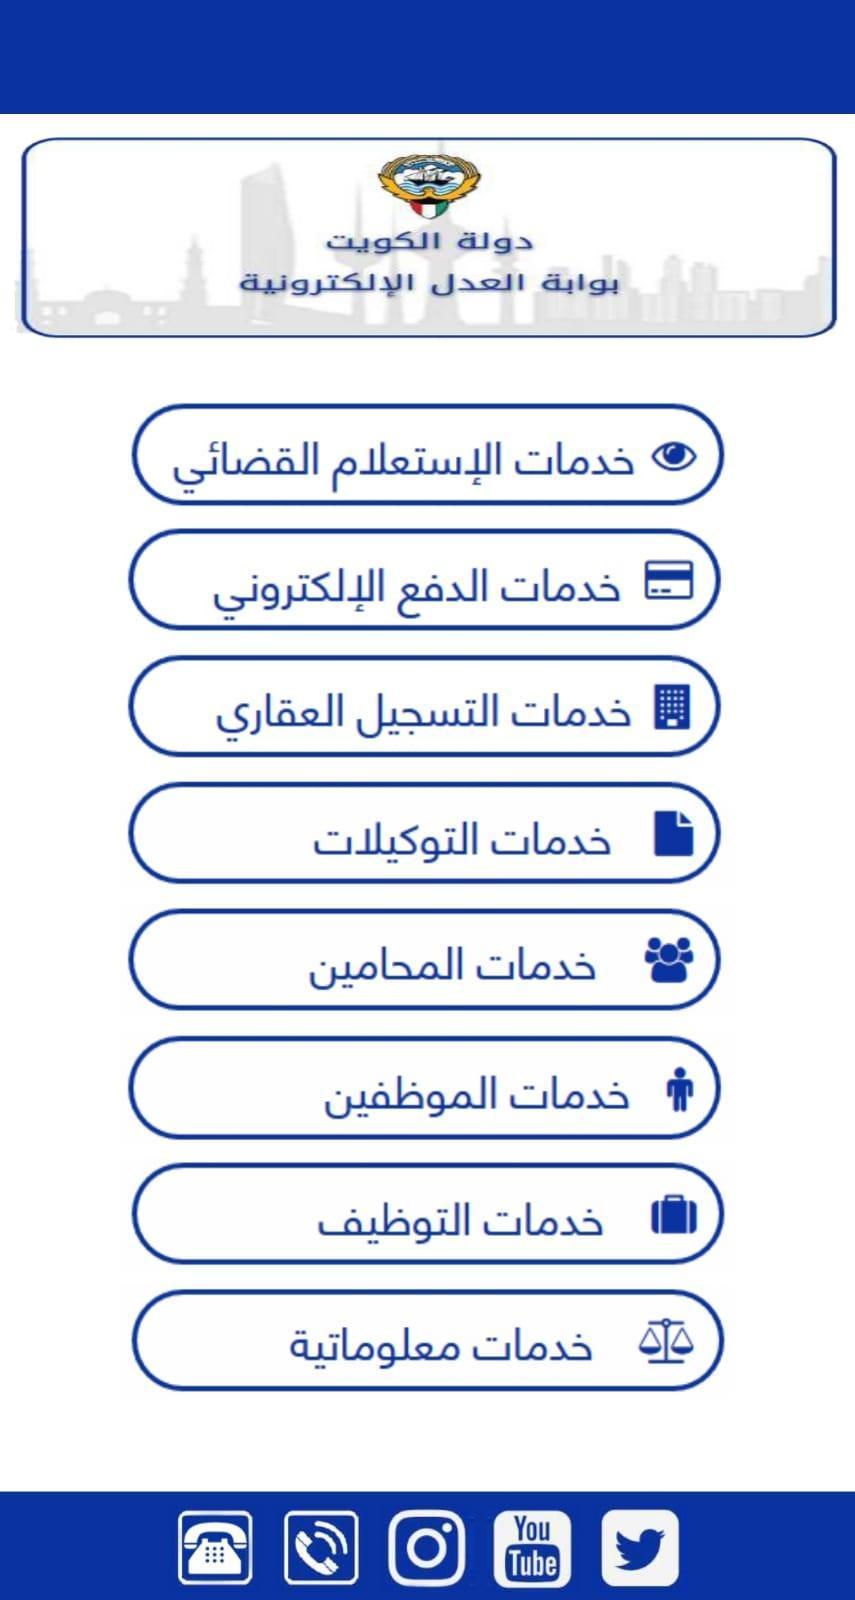 خدمات وزارة العدل الالكترونية دولة الكويت For Android Apk Download